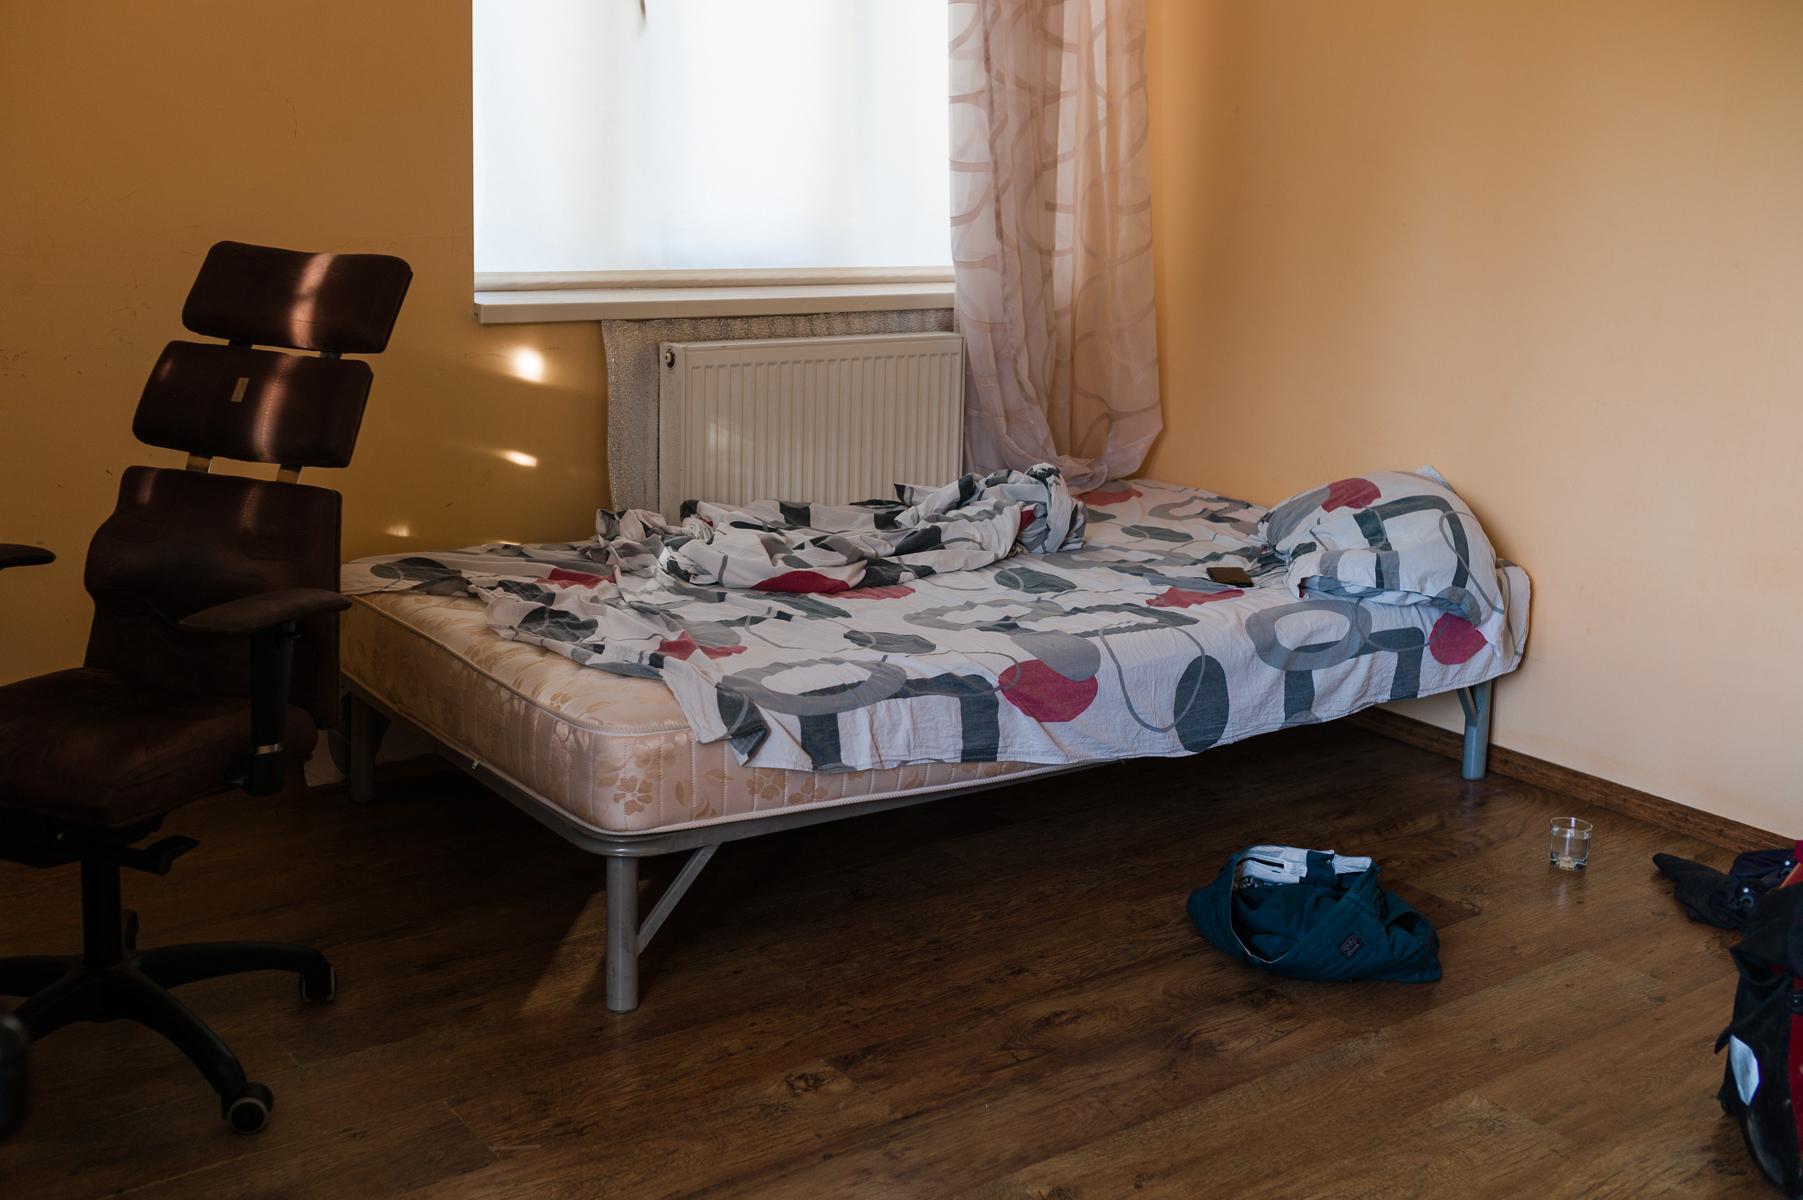 Mikhail's home in Sniatyn, July 4